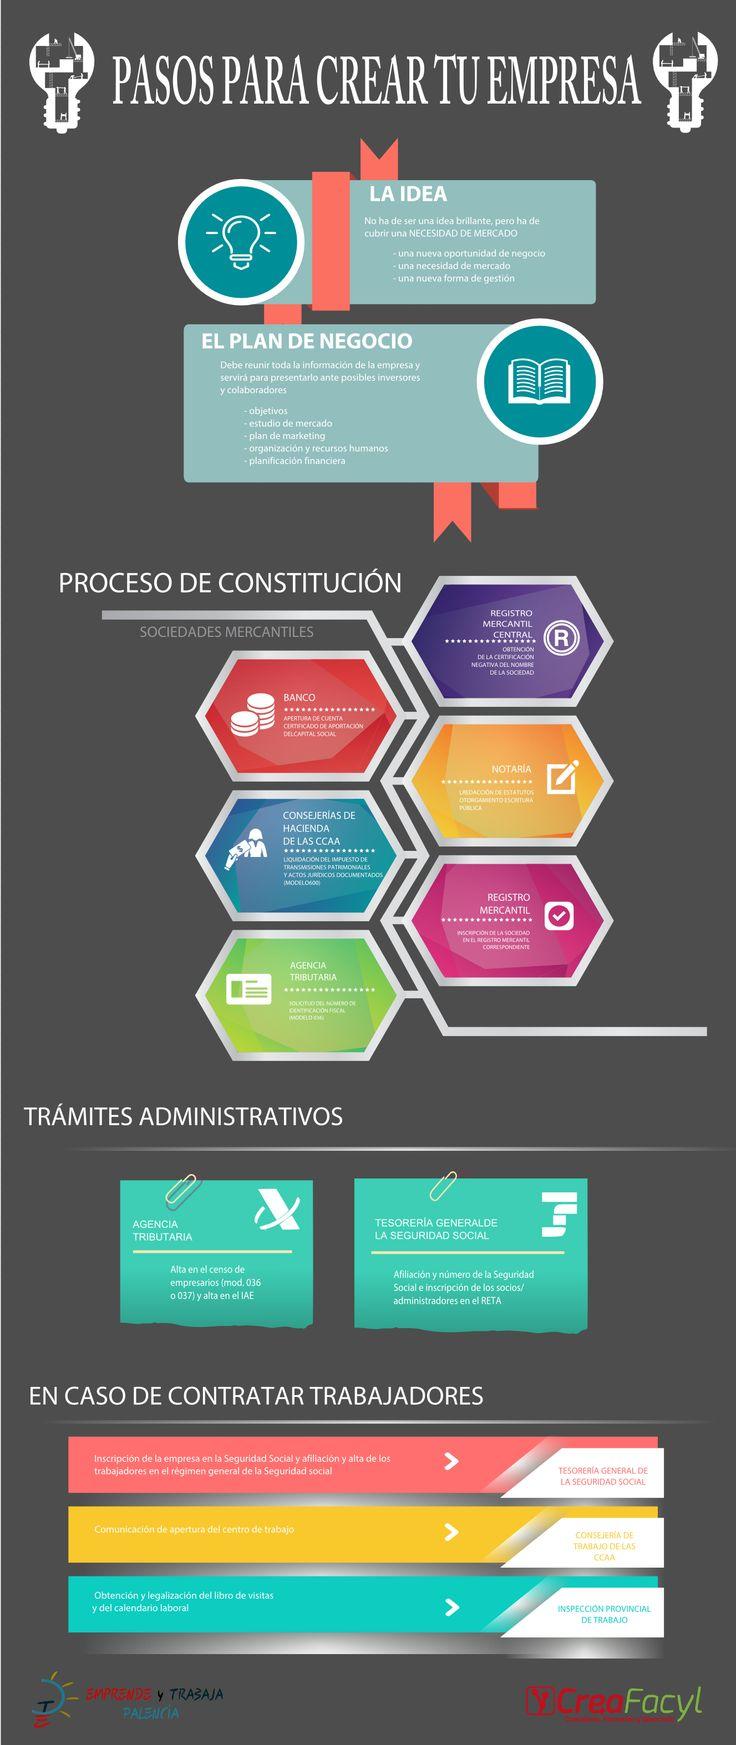 #Infografía pasos para crear tu empresa